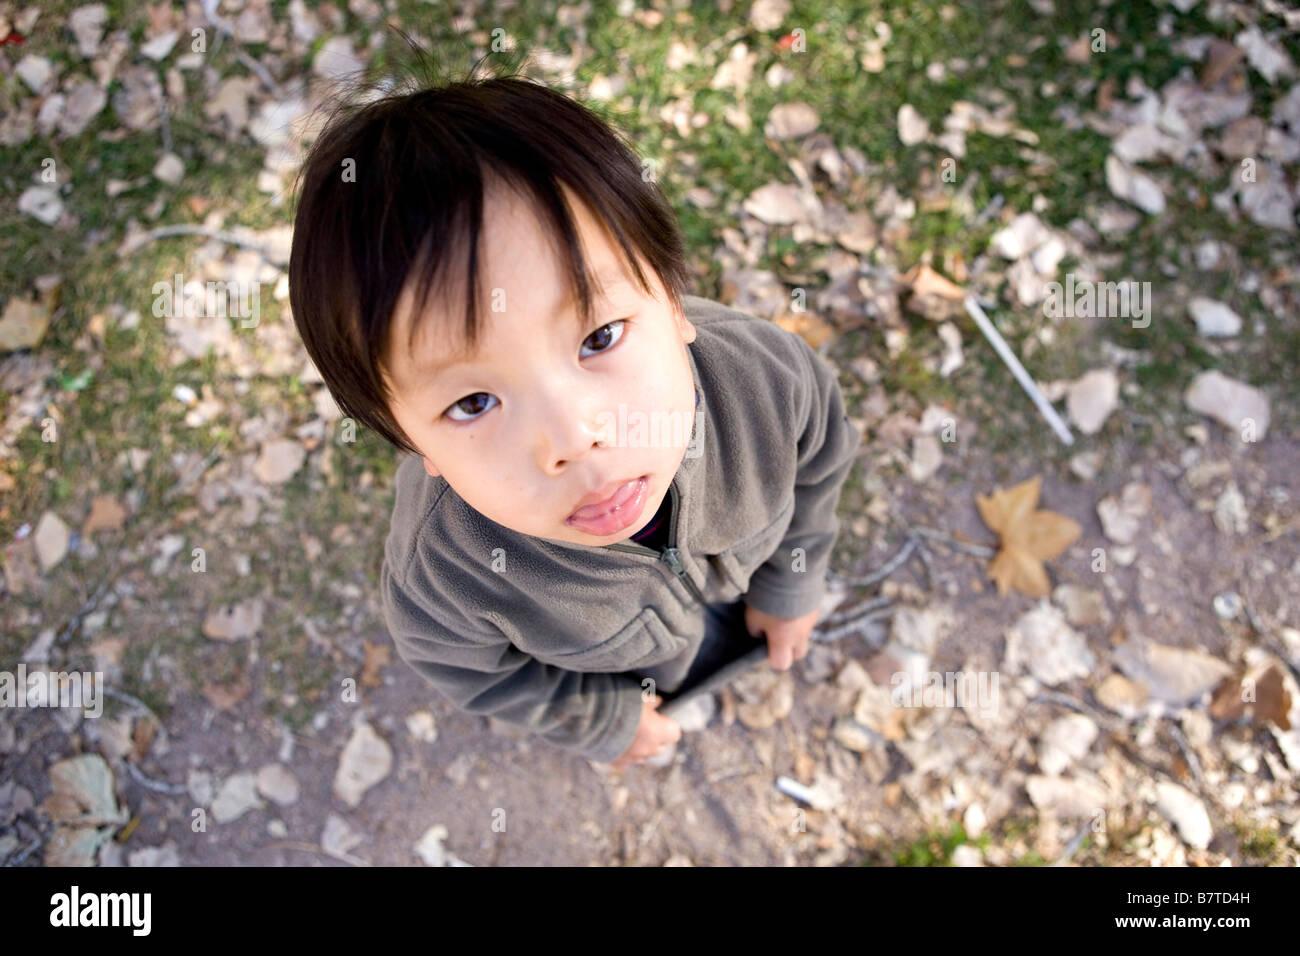 Hohen Winkel Portrait mürrisch zwei Jahre alten japanischen Jungen Stockbild